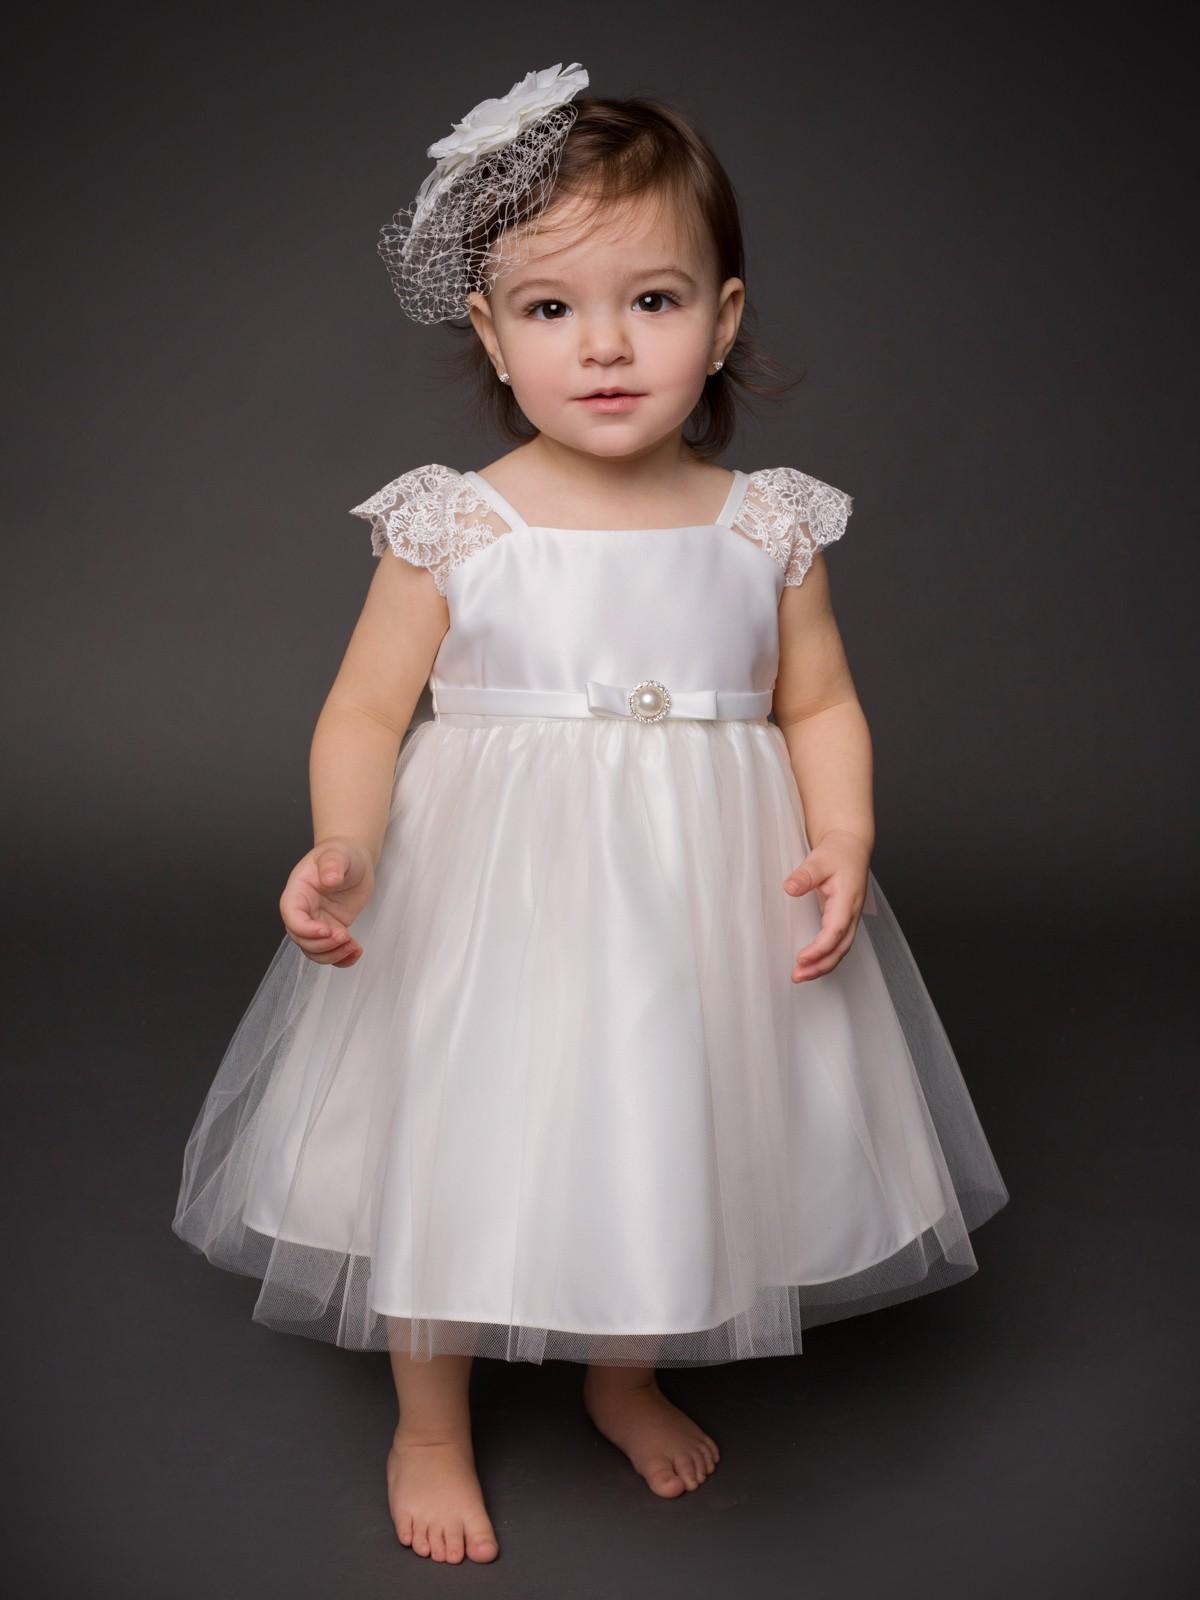 صورة صور خلفيات اطفال دلع 2020 , اجمل طفل , صور اطفال جديدة 2020 10879 4